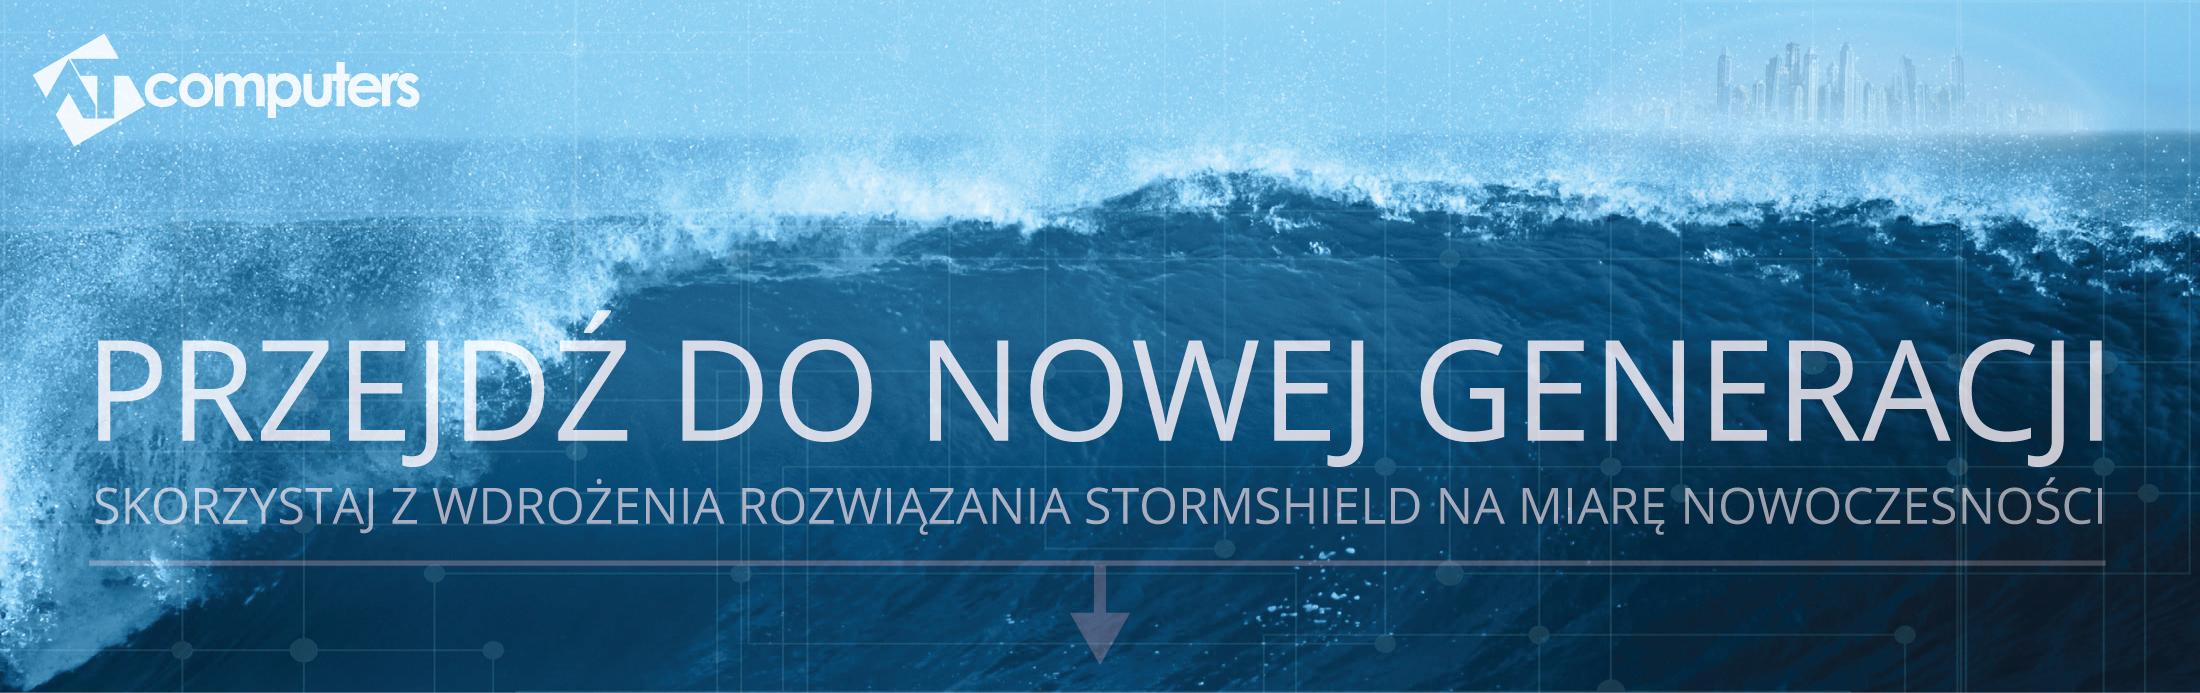 Wdrożenie Stormshield w ciągu jednego dnia Stormshield AT Computers przejdź do nowej generacji skorzystaj z wdrożenia rozwiązania Stormshield na miarę nowoczesności